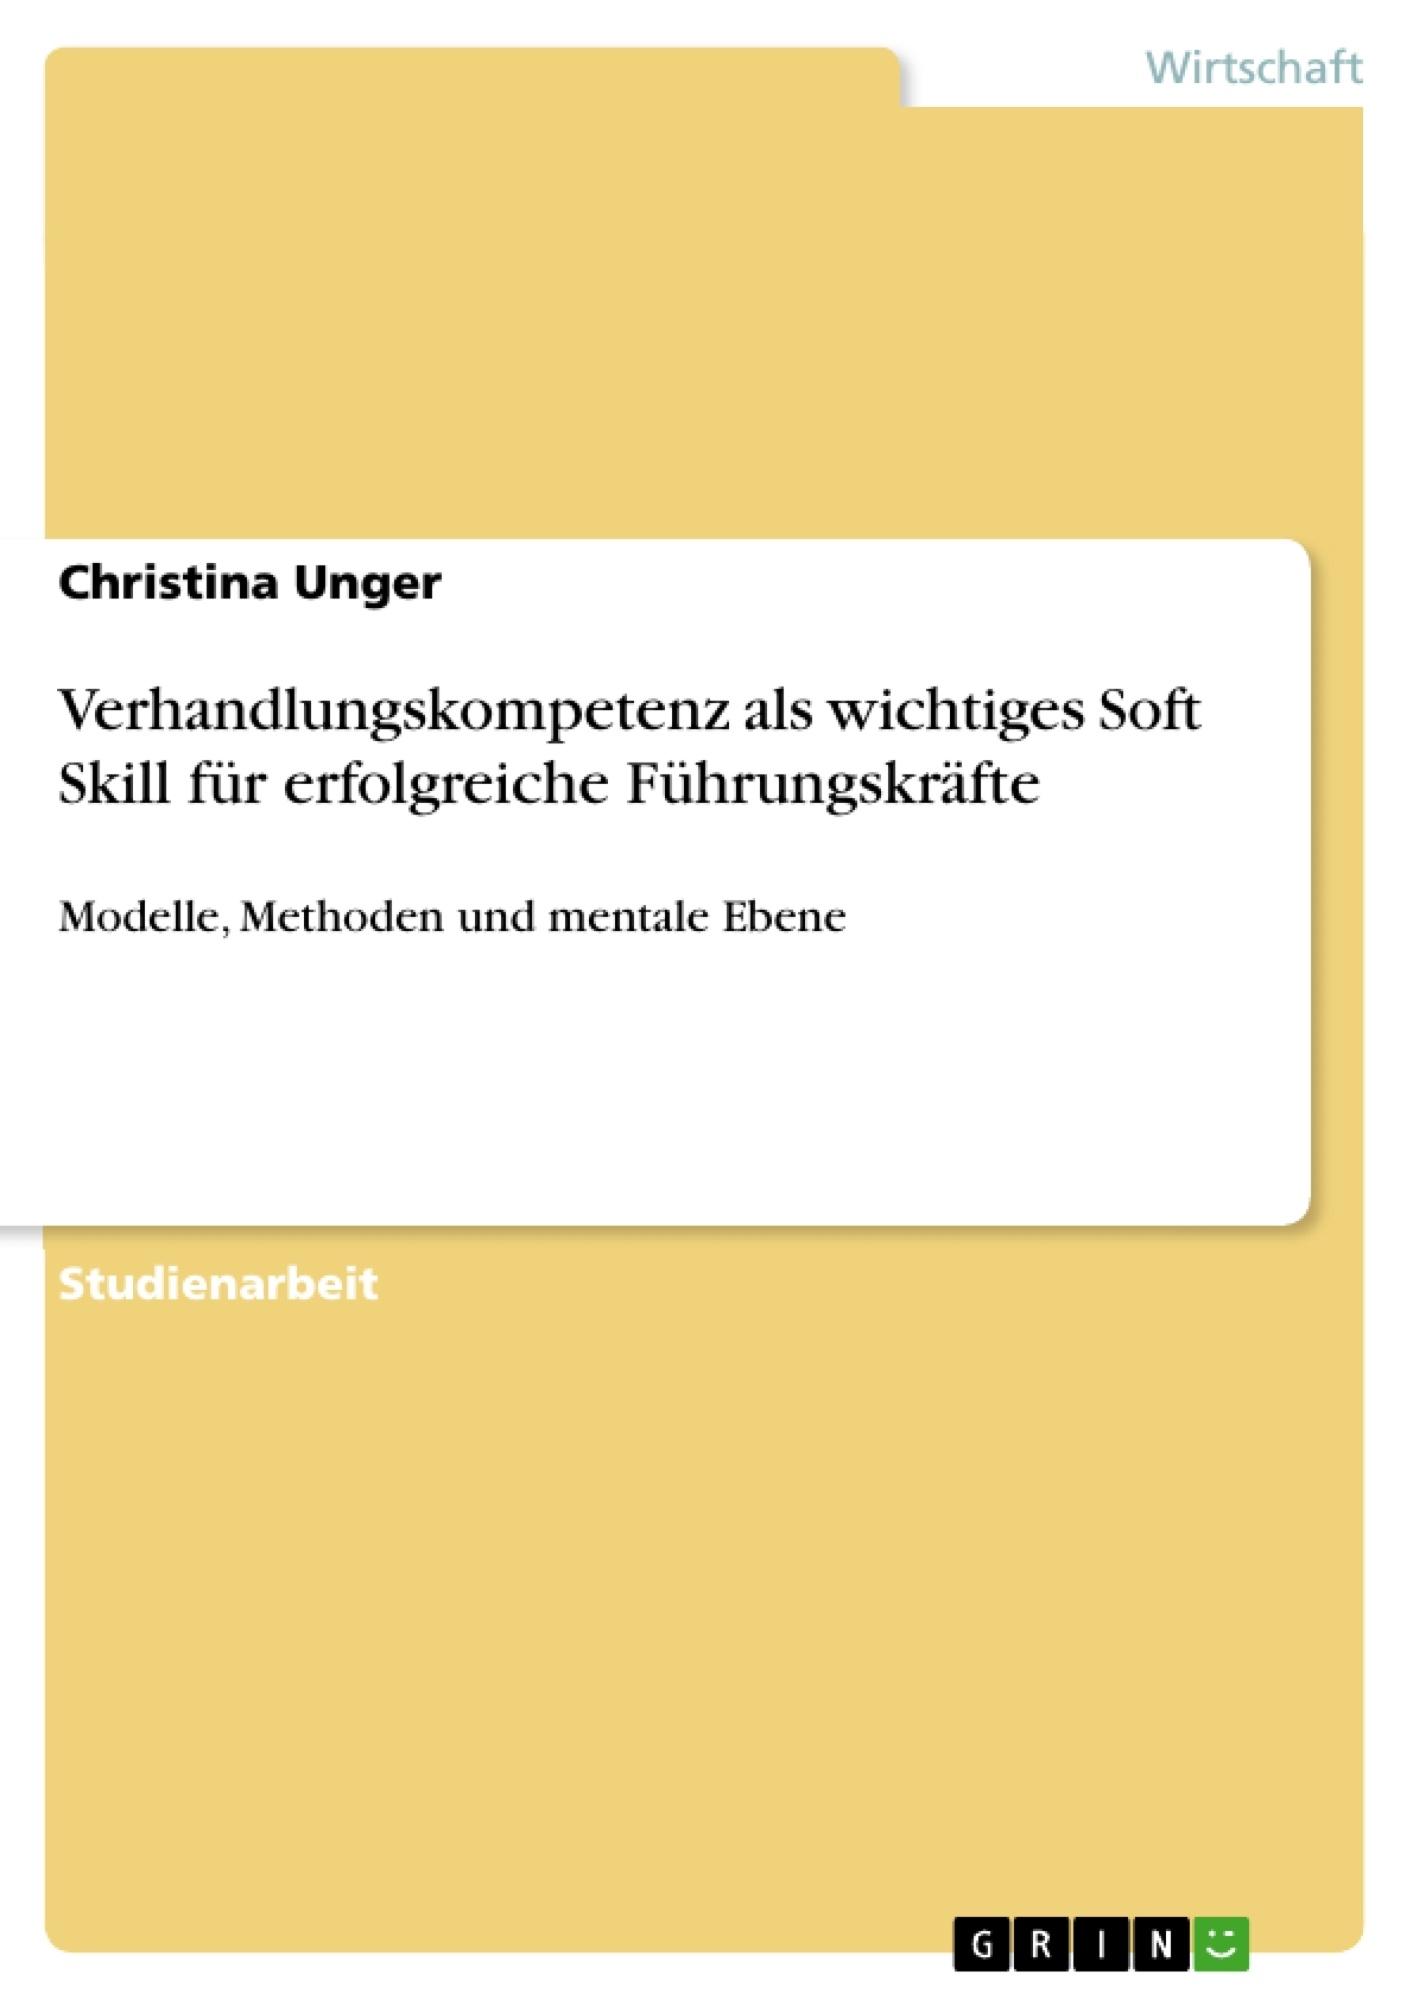 Titel: Verhandlungskompetenz als wichtiges Soft Skill für erfolgreiche Führungskräfte